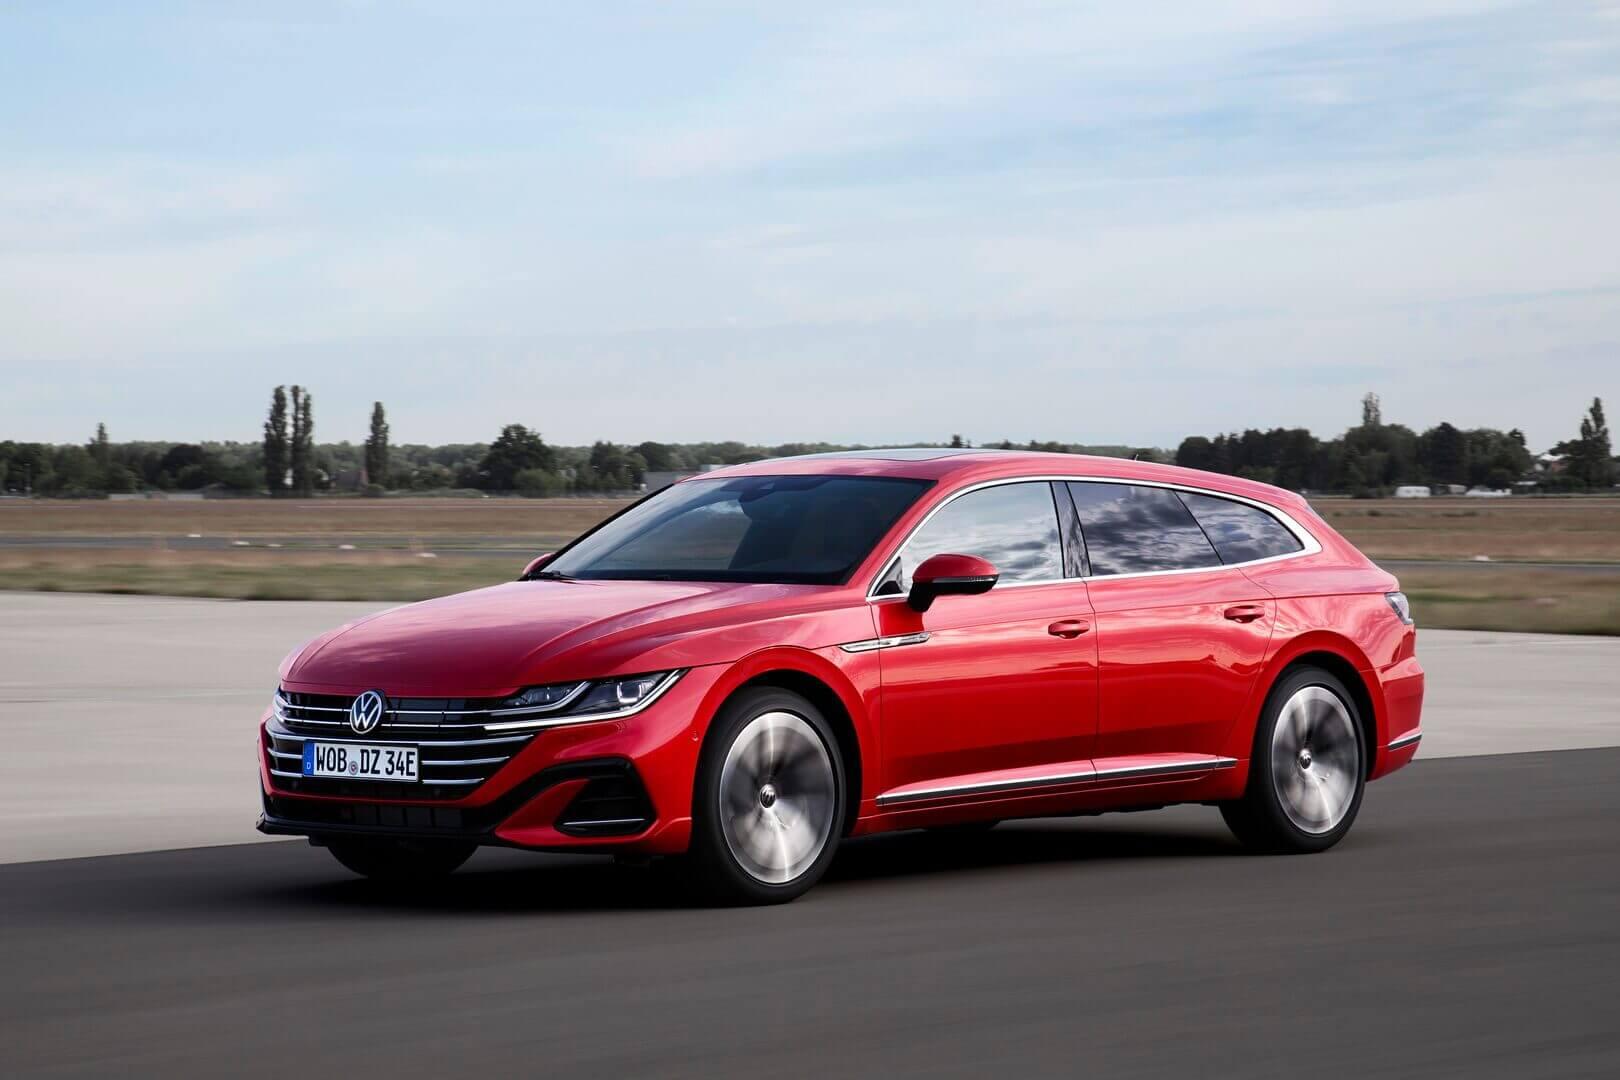 Volkswagen Arteon теперь доступен в кузове универсал и сплагин-гибридной трансмиссией eHybrid